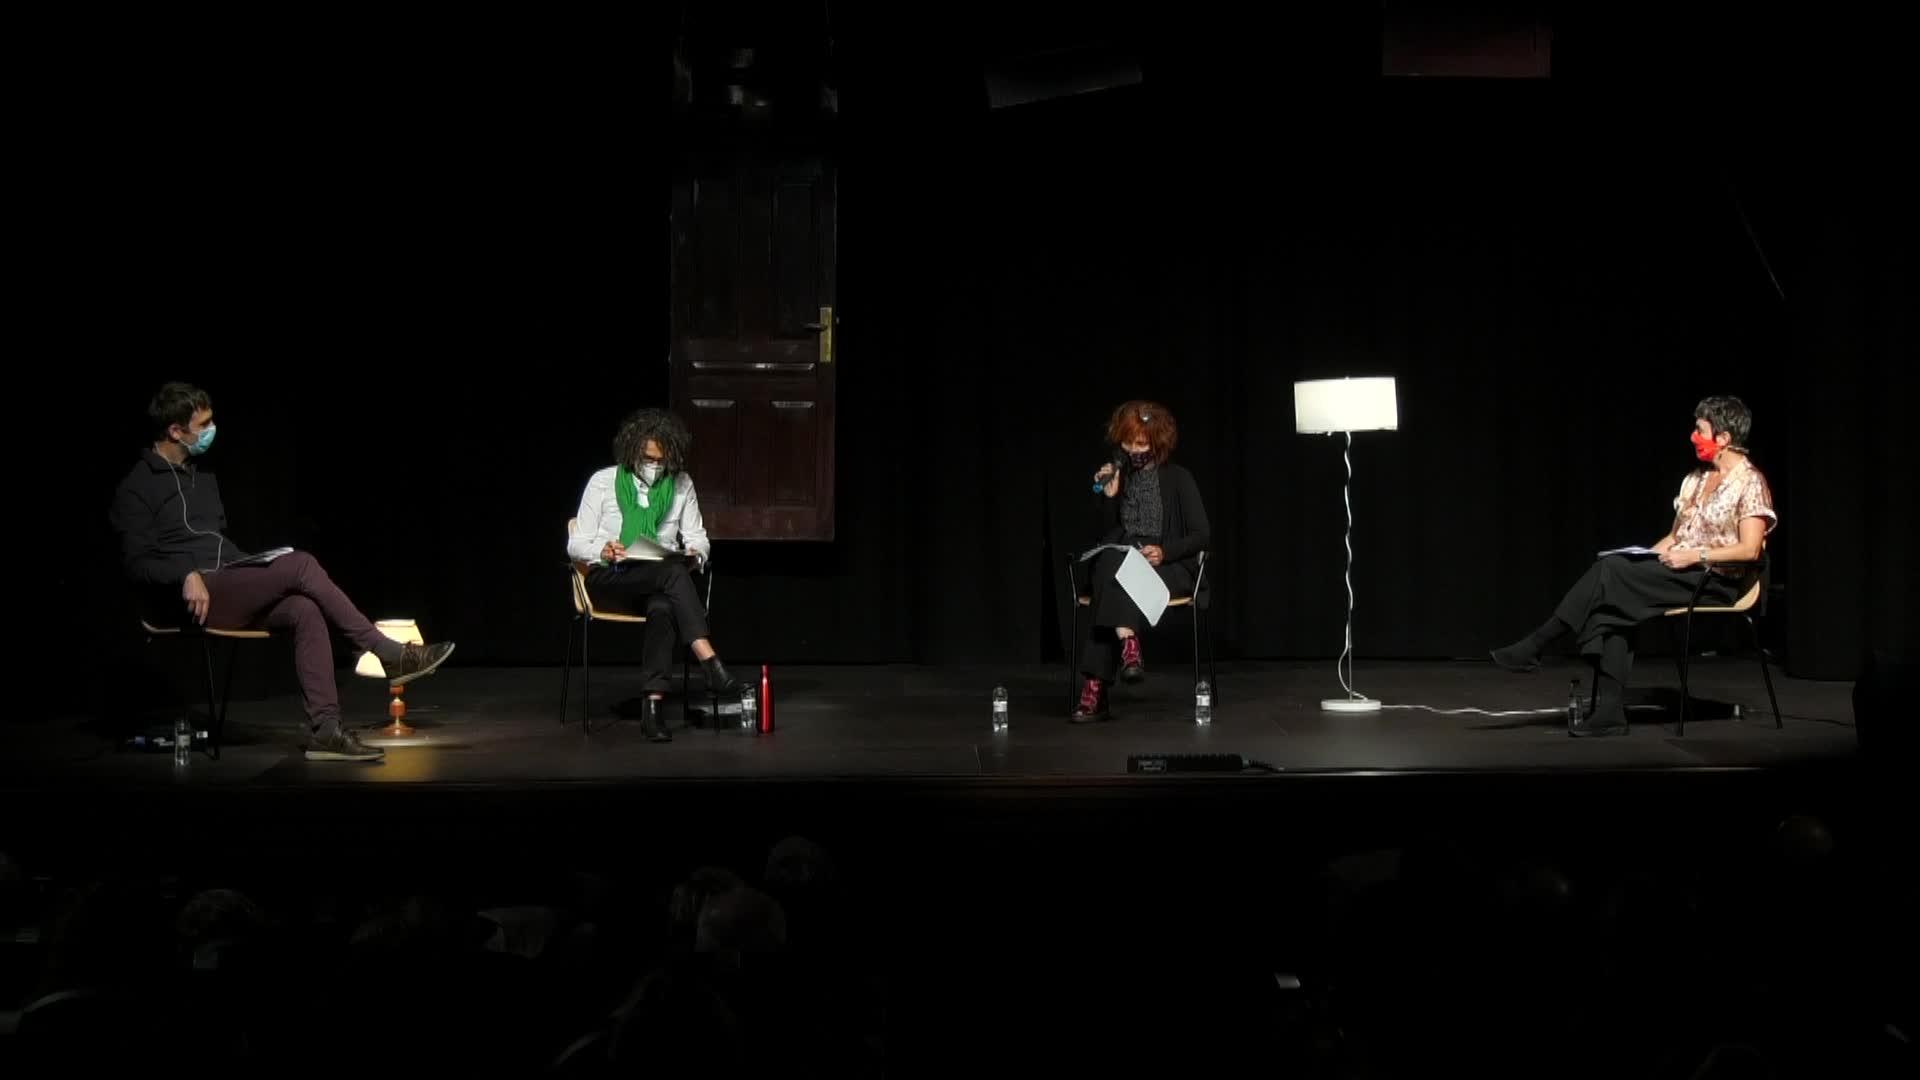 Literaturia 2020: Itzulpengiltza mundura zabaltzeko eta mundua ekartzeko